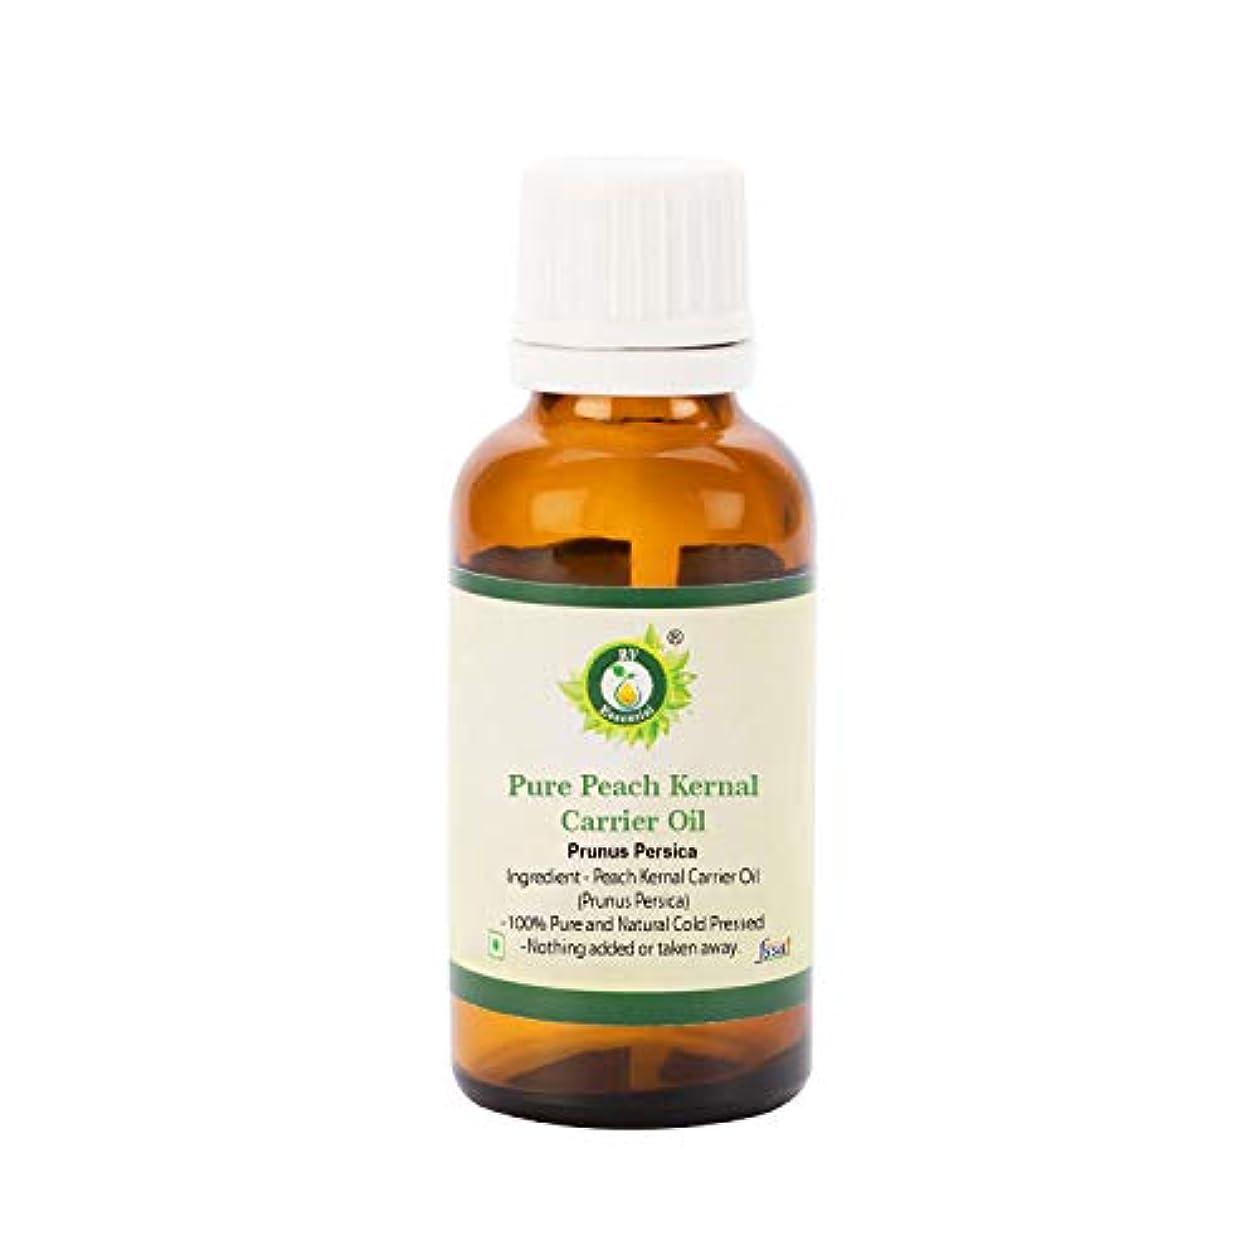 満員削除する開梱R V Essential ピュアピーチ Kernalキャリアオイル15ml (0.507oz)- Prunus Persica (100%ピュア&ナチュラルコールドPressed) Pure Peach Kernal...